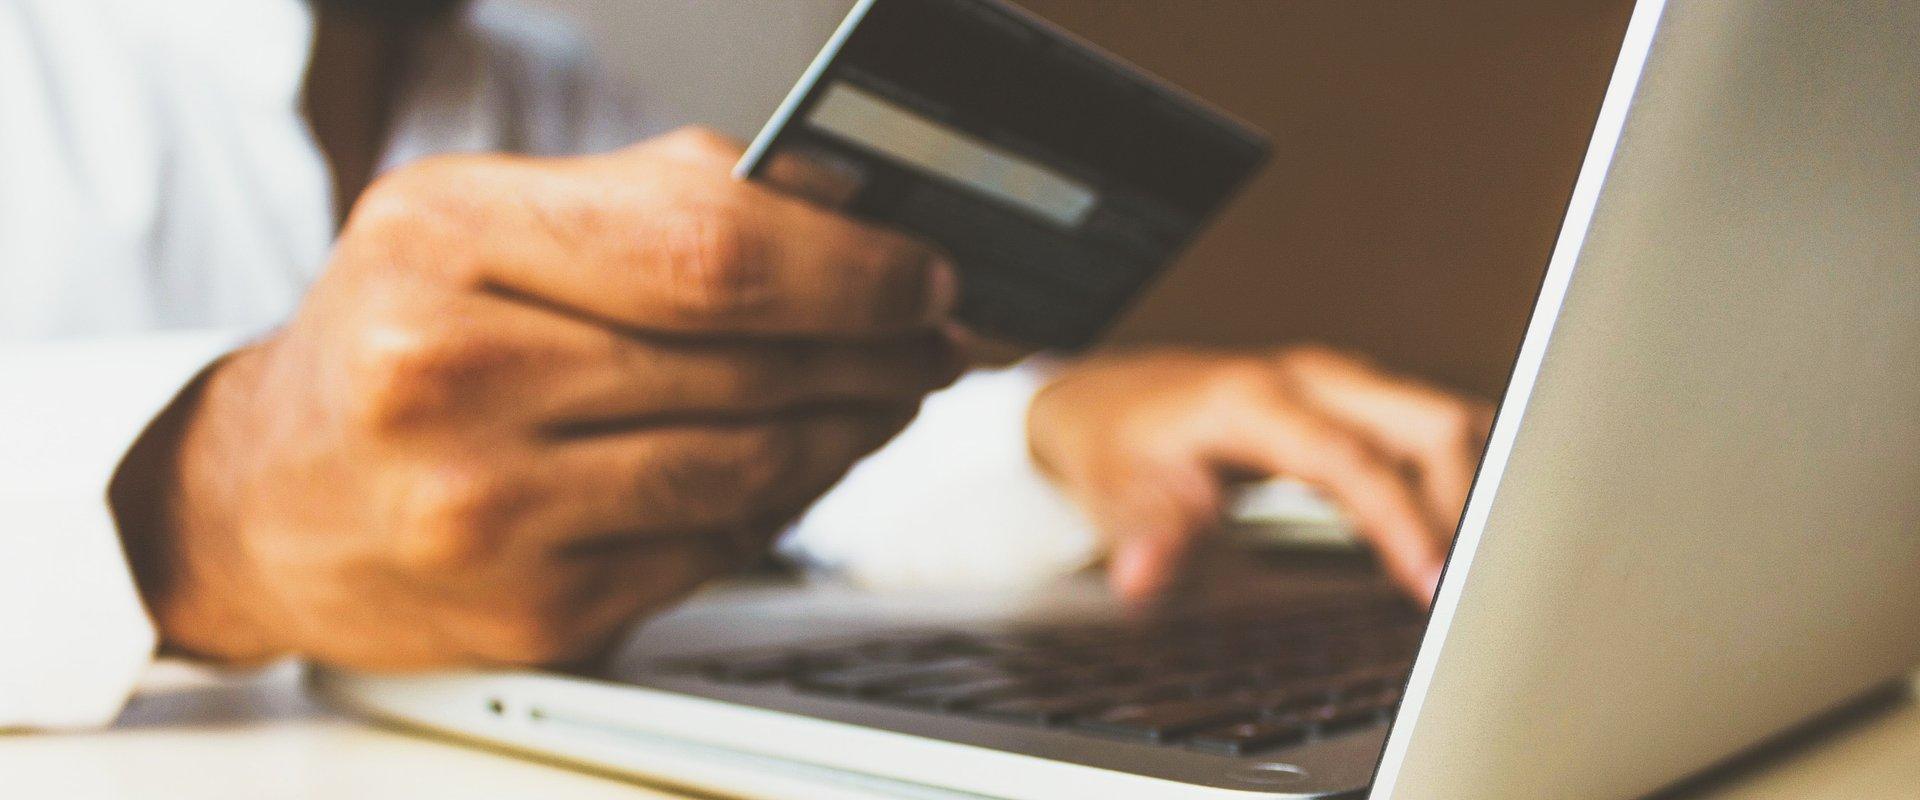 15 niezbędnych funkcji dla witryn e-commerce